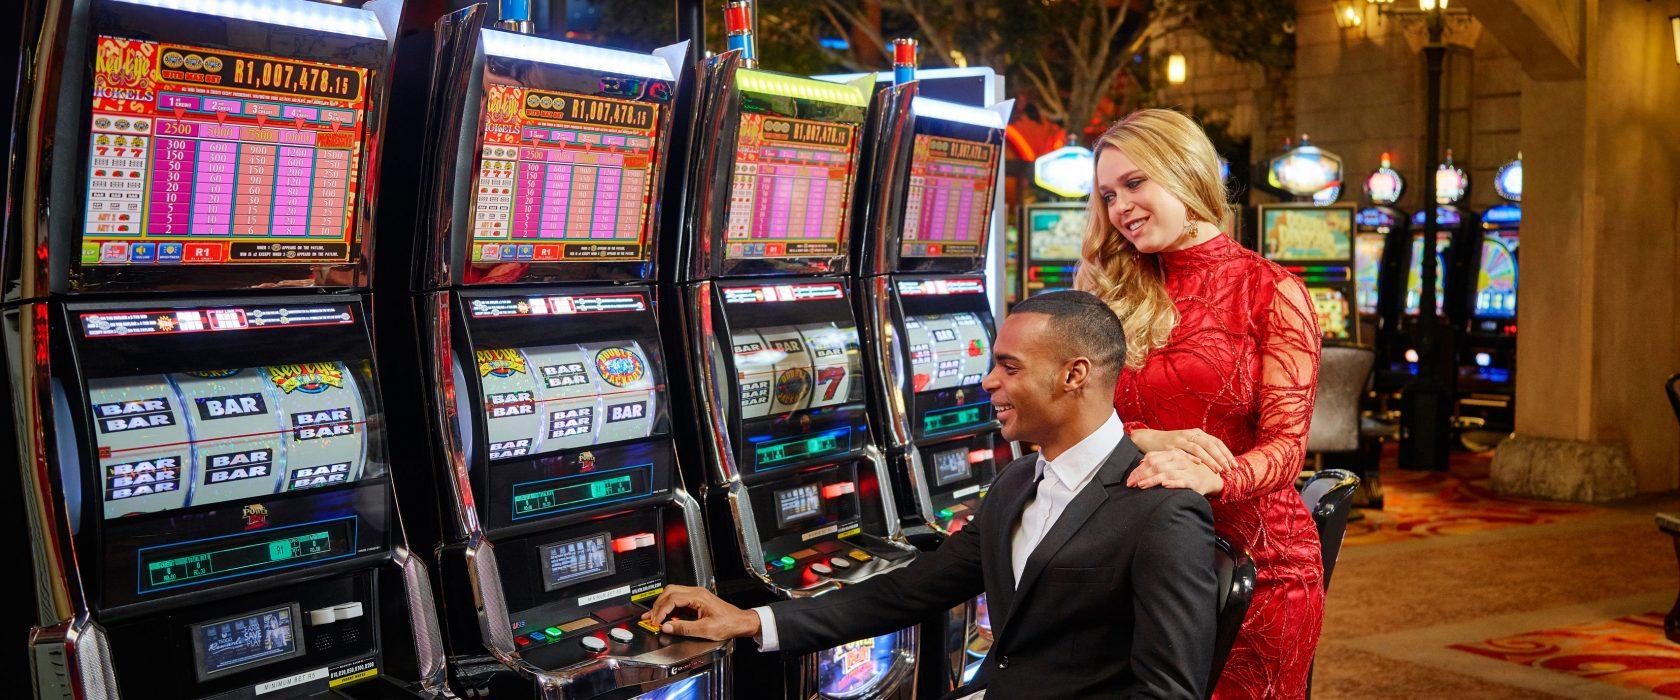 Игровые автоматы щелковская игровые автоматы бесплатно на андроиде играть